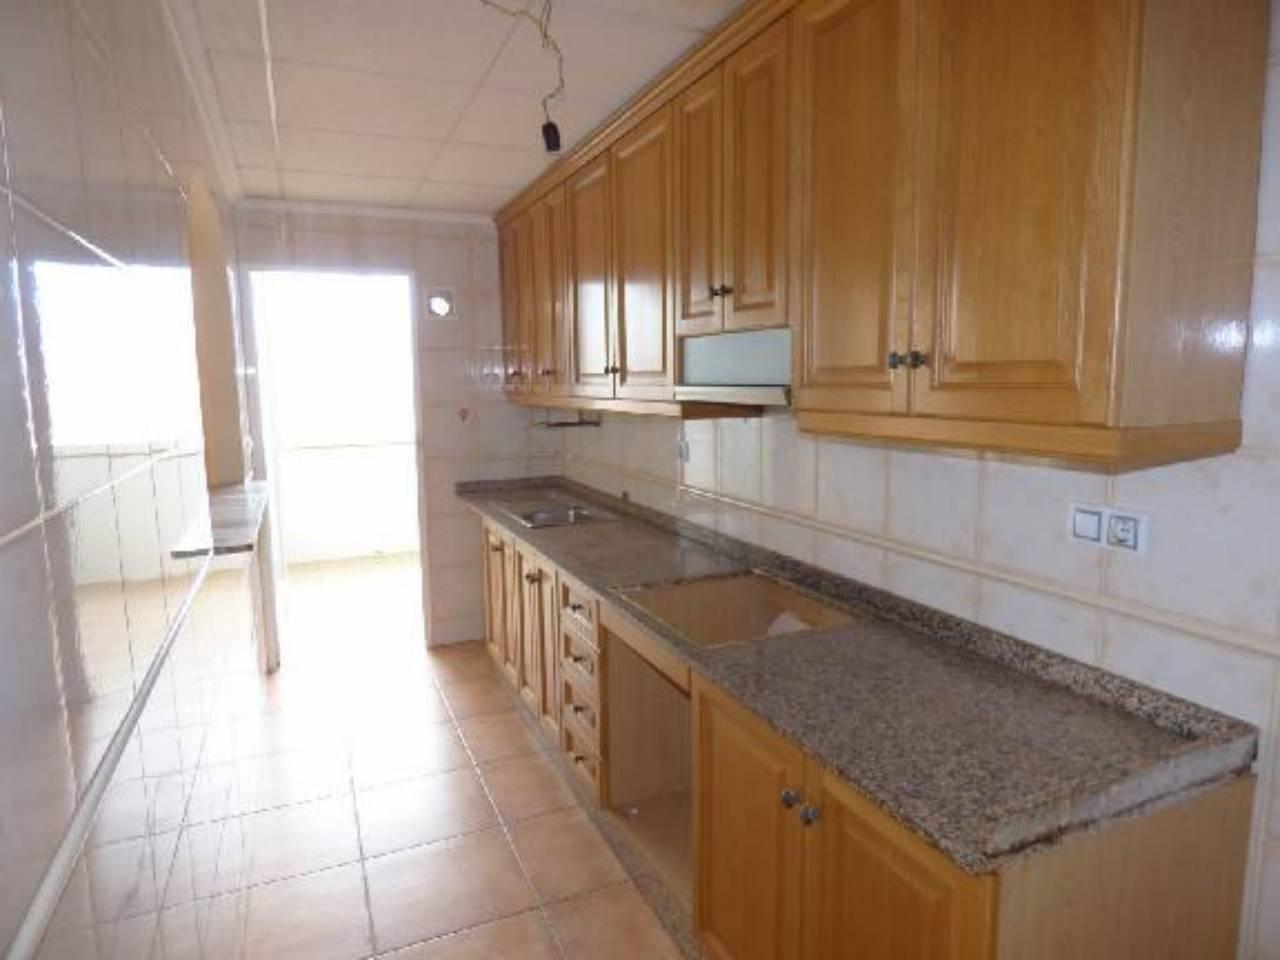 Piso  Calle soledad. Superf. 100 m²,  2 habitaciones (2 dobles),  2 baños, cocina (an